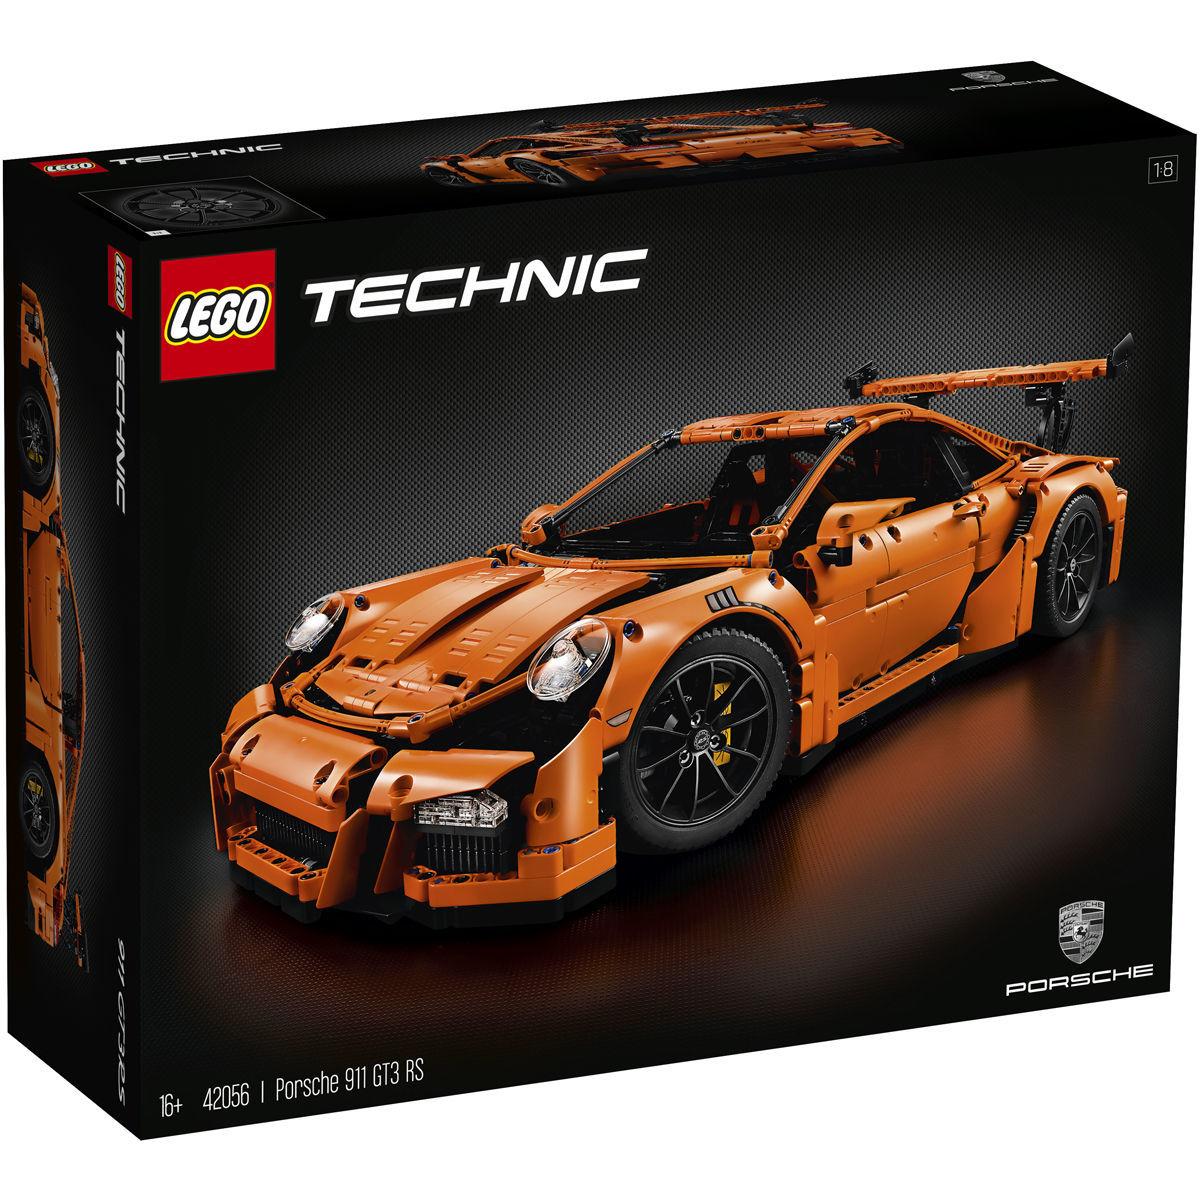 [KARSTADT] 20% Rabatt z.B. auf LEGO® Porsche 911 GT3 RS 42056 für 239 EUR oder LEGO® Star Wars 75094 Imperial Shuttle Tydirium™ für 63,99 EUR statt 80,99 EUR Idealo